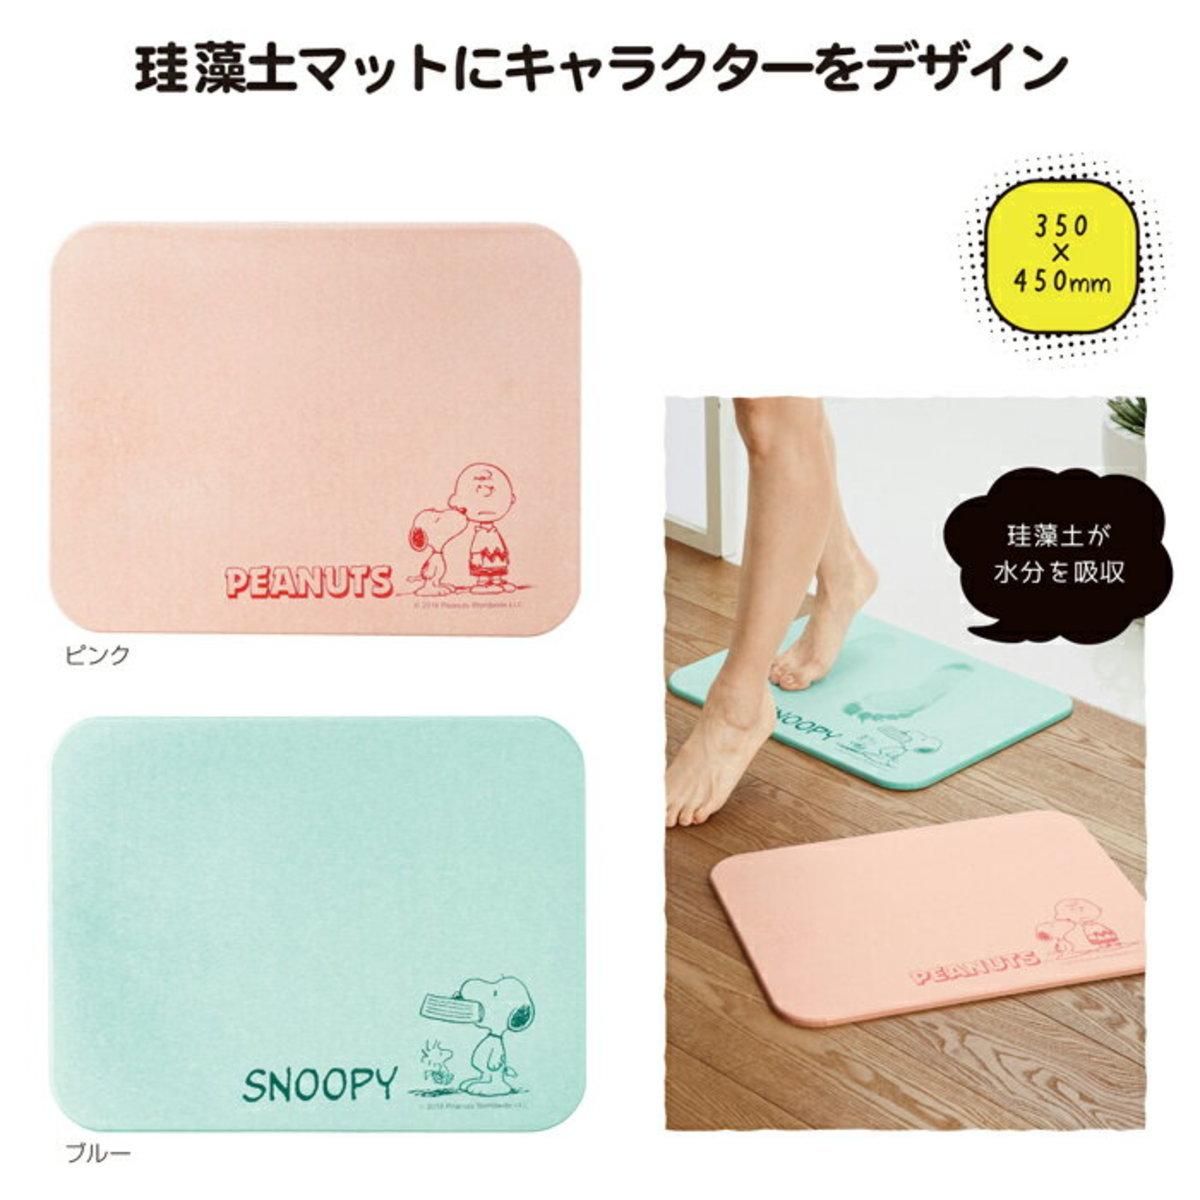 (綠色) 日本天然珪藻土吸水地墊 - 史諾比